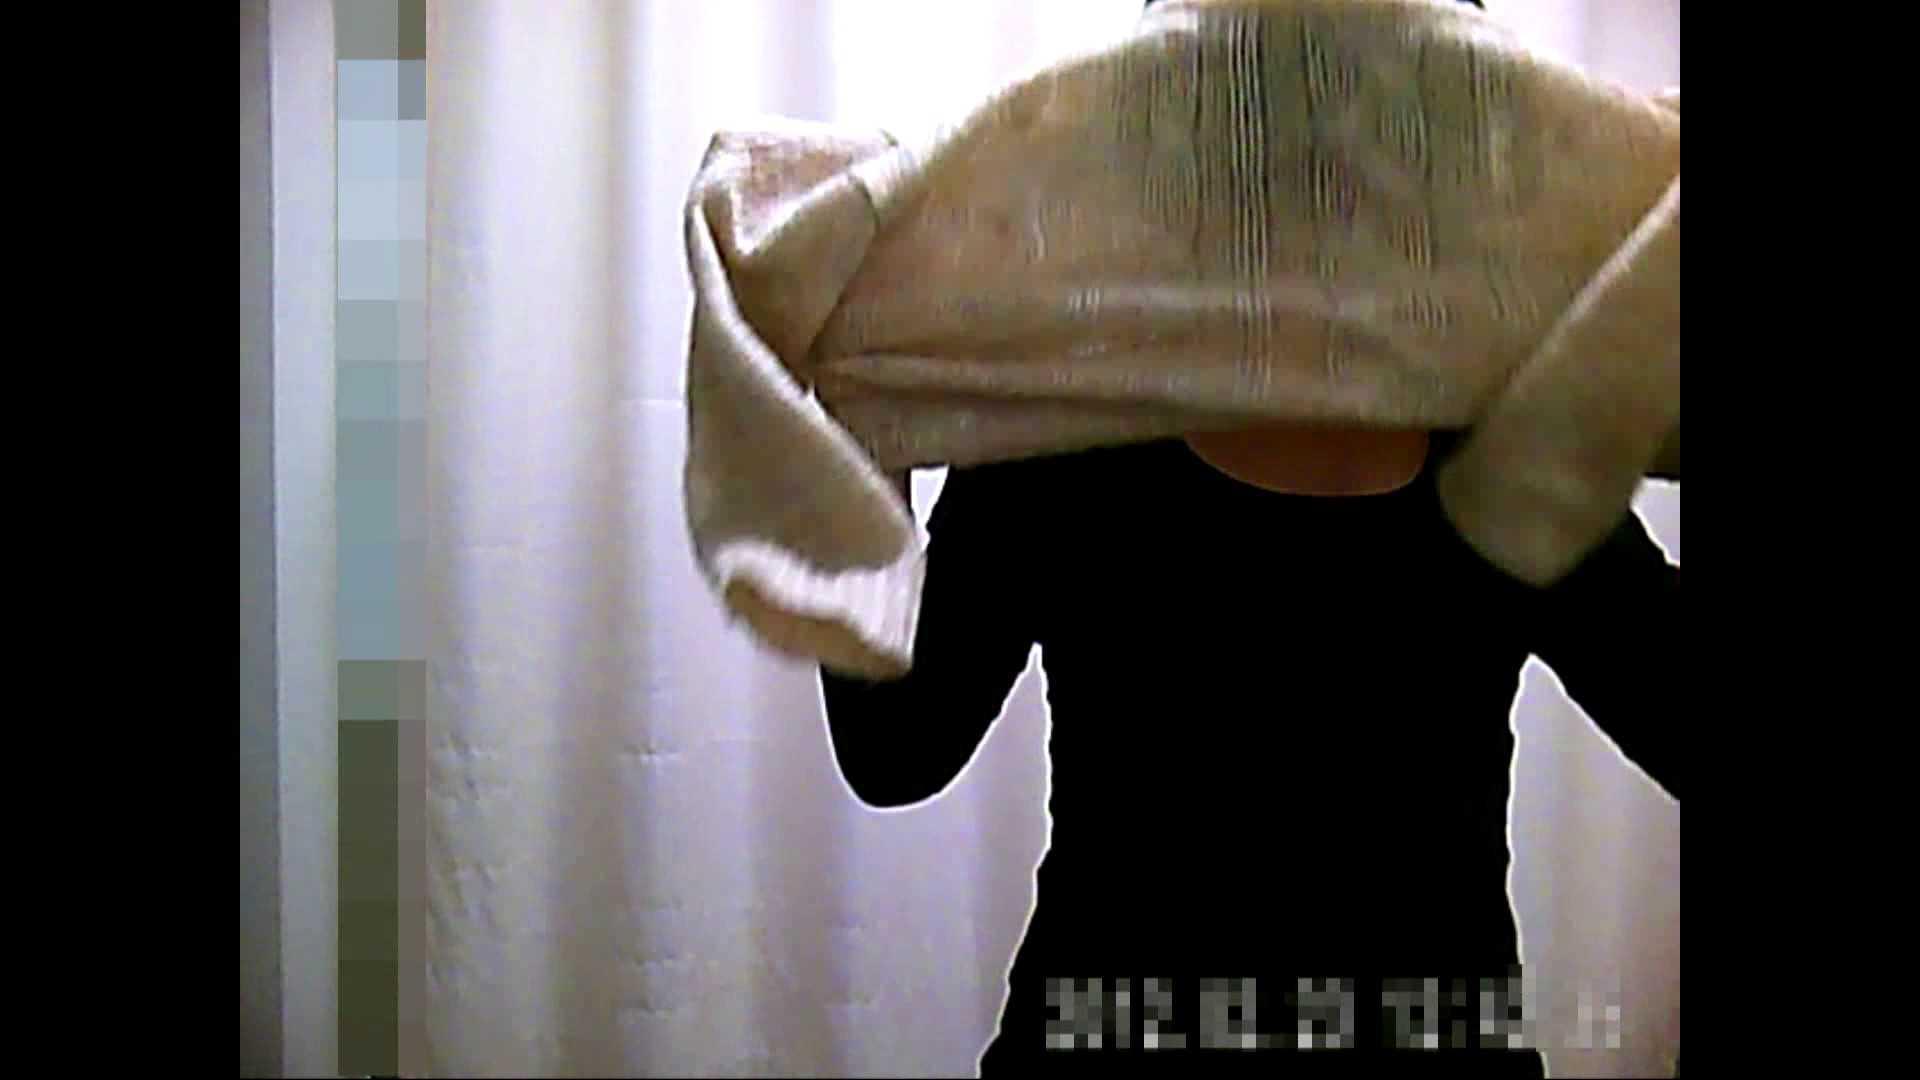 病院おもいっきり着替え! vol.262 盗撮特集 オメコ無修正動画無料 98画像 58